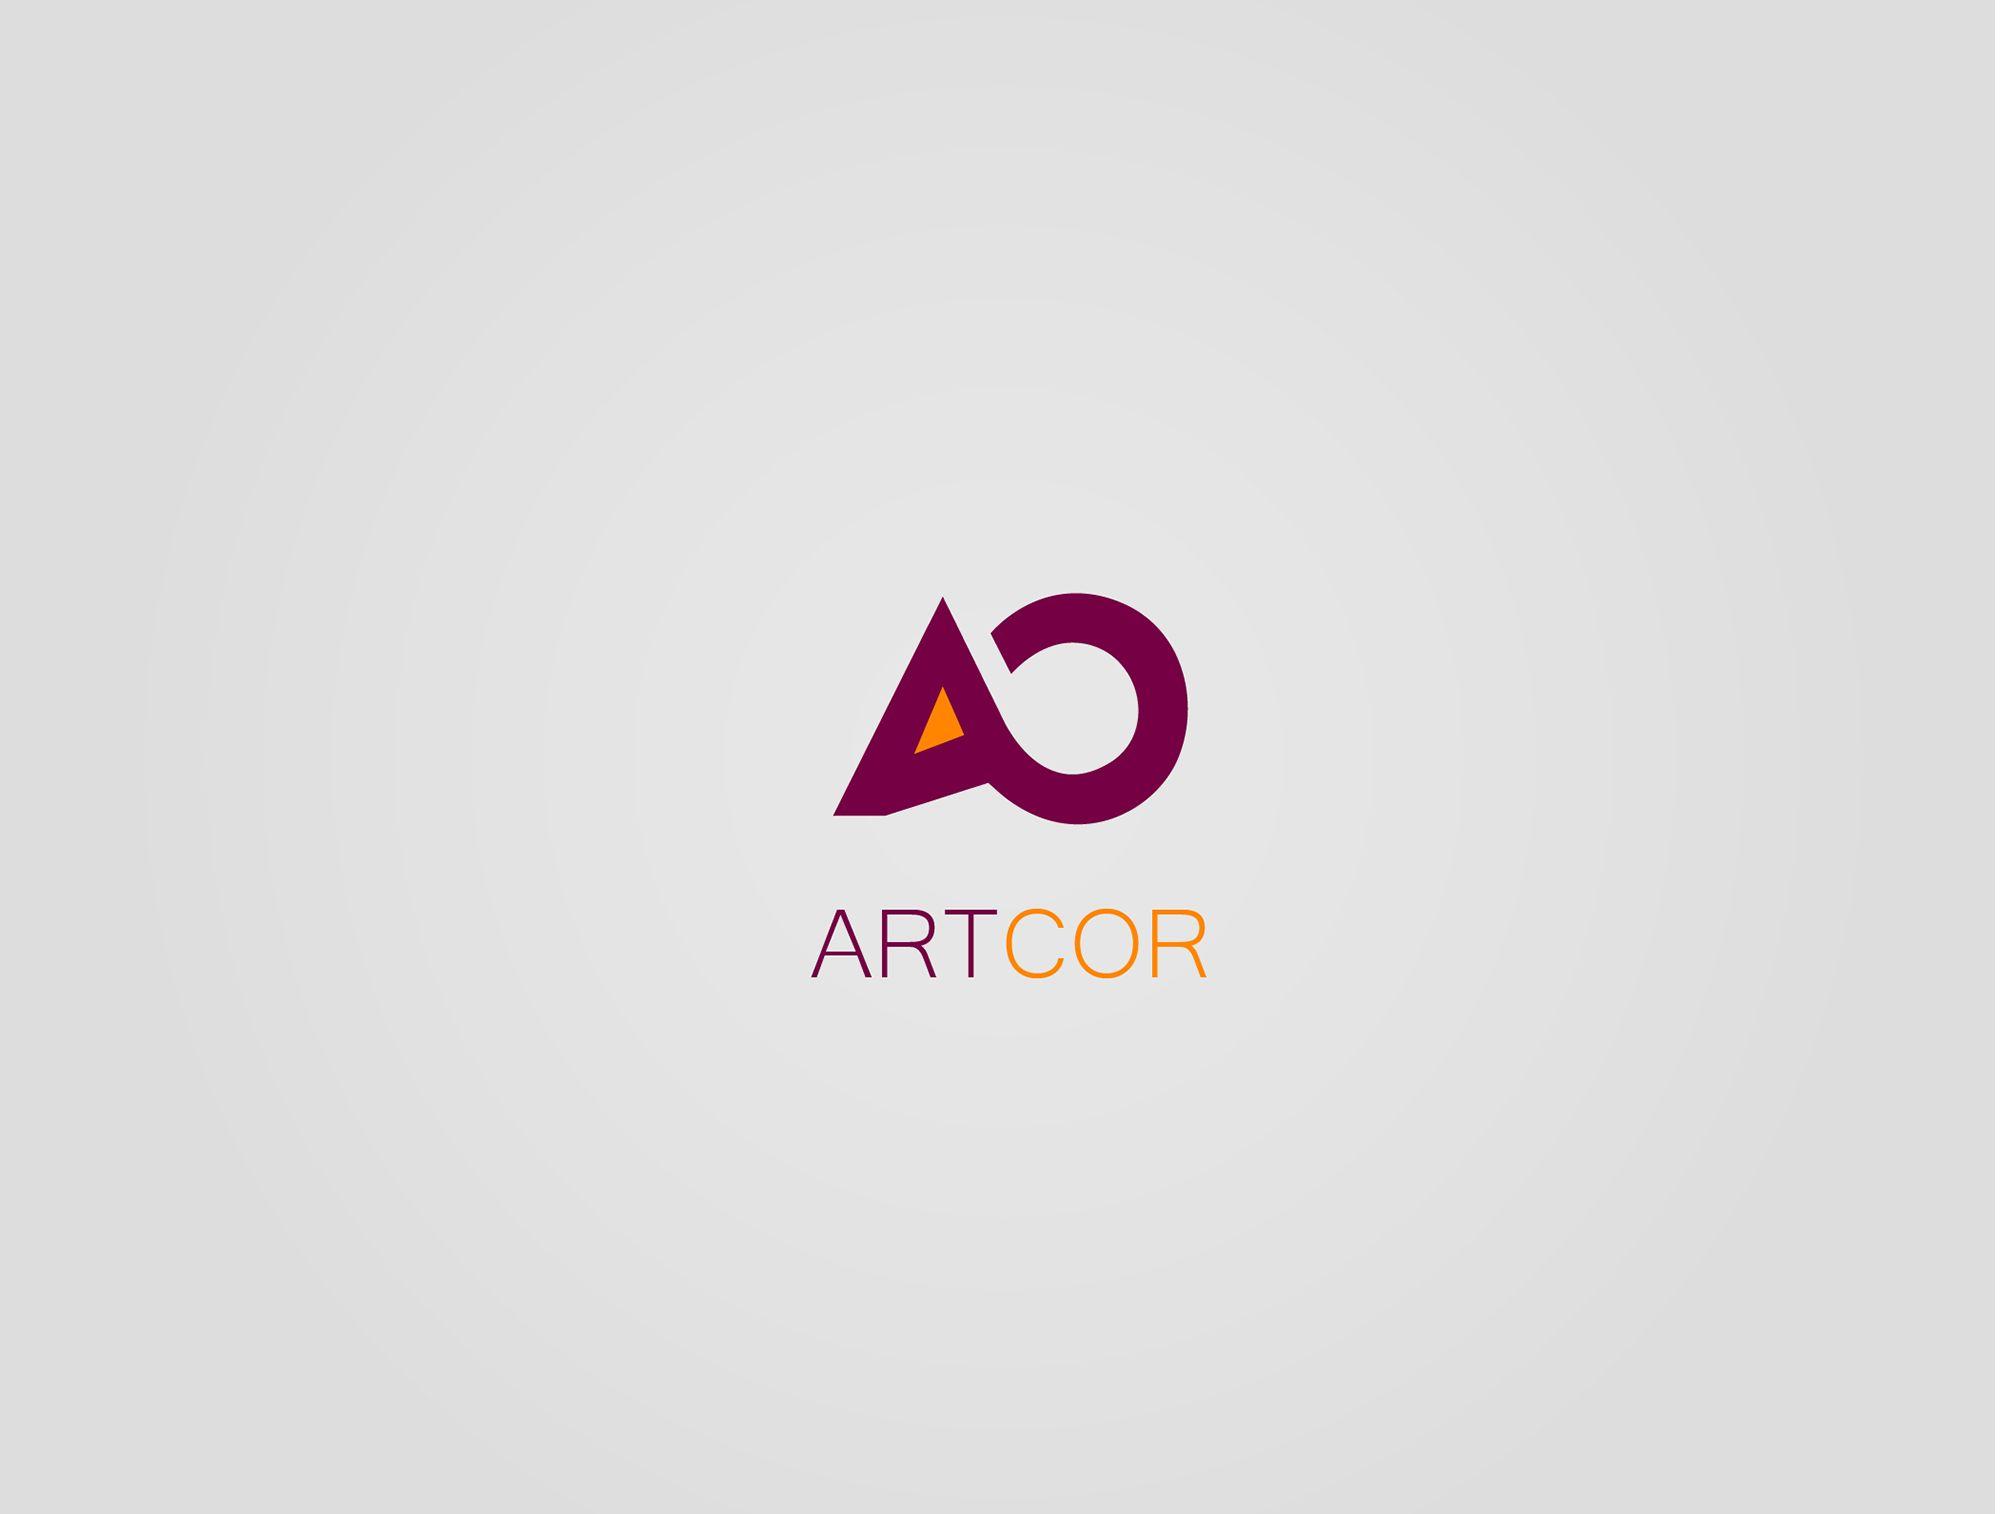 Логотип для производственной компании - дизайнер Irinka-S